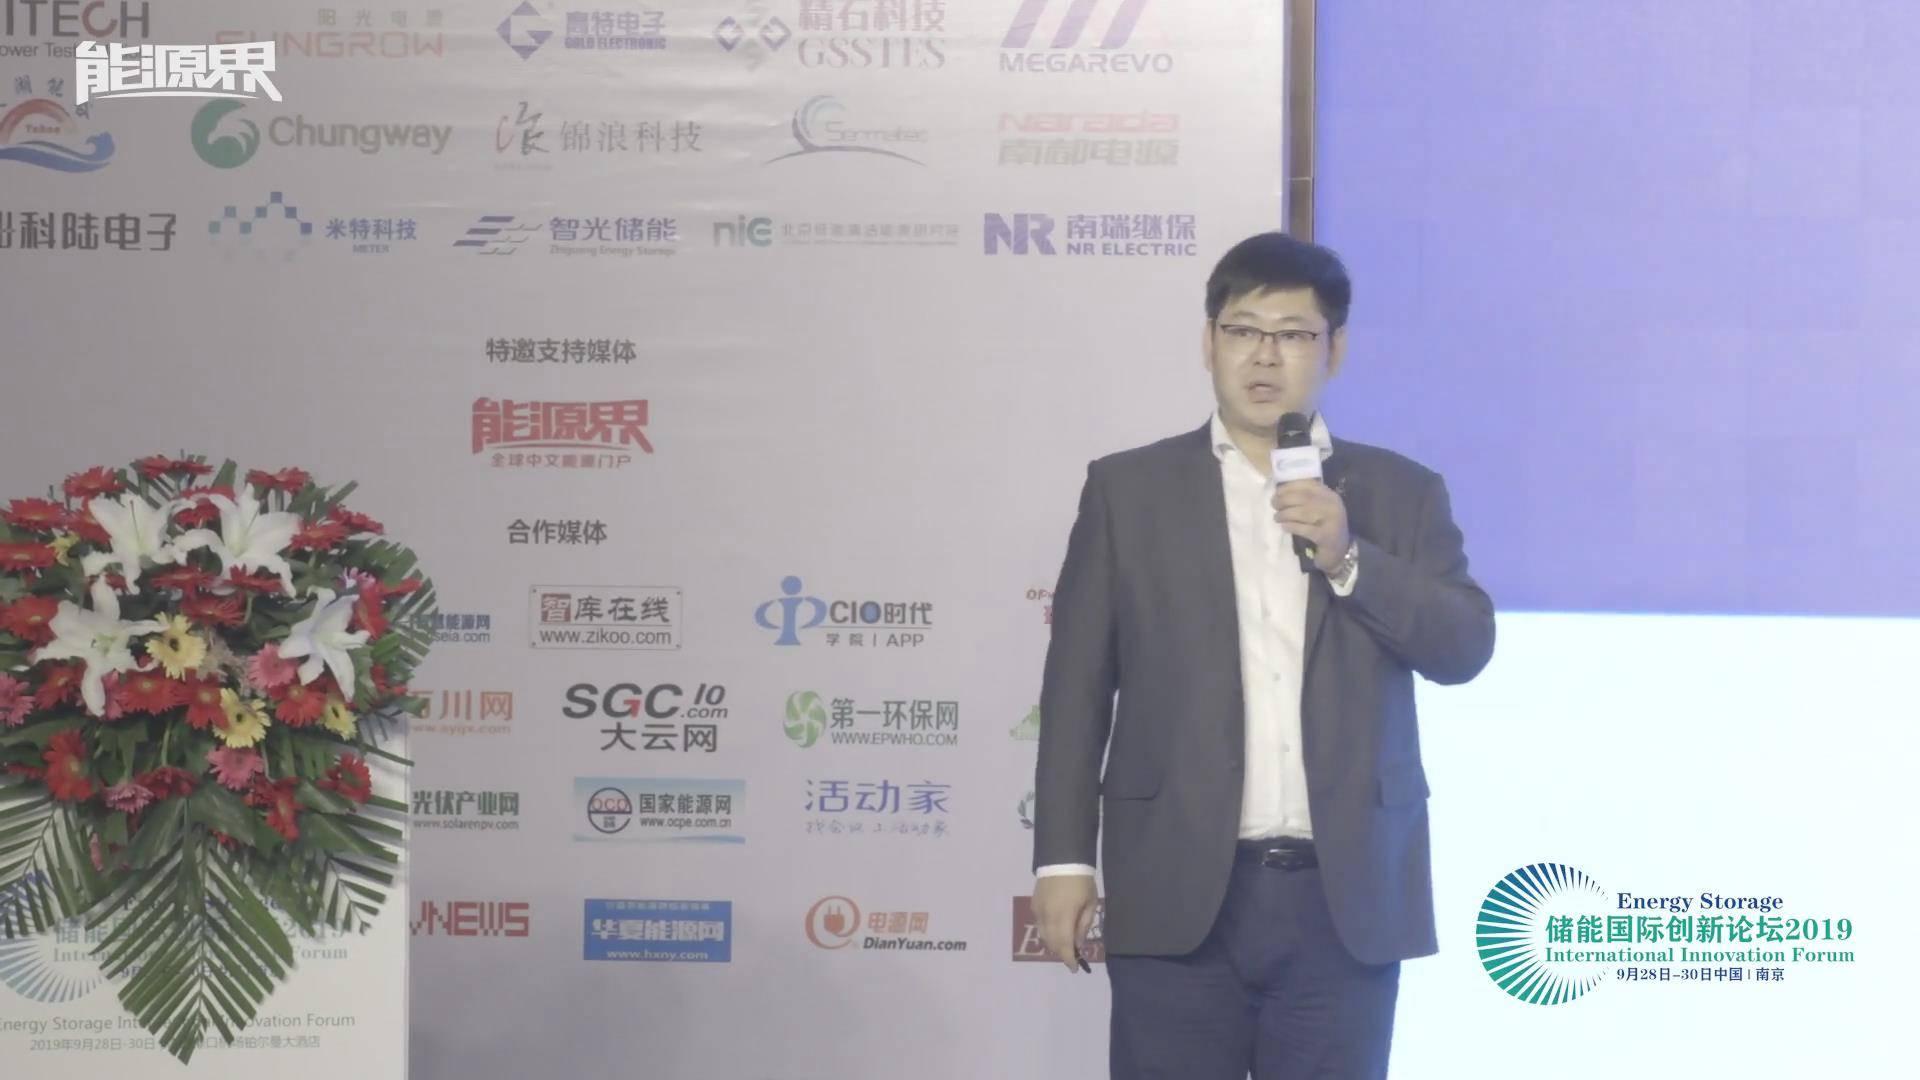 李天潤:儲能系統中通過新技術大幅度提高系統安全性的解決方案